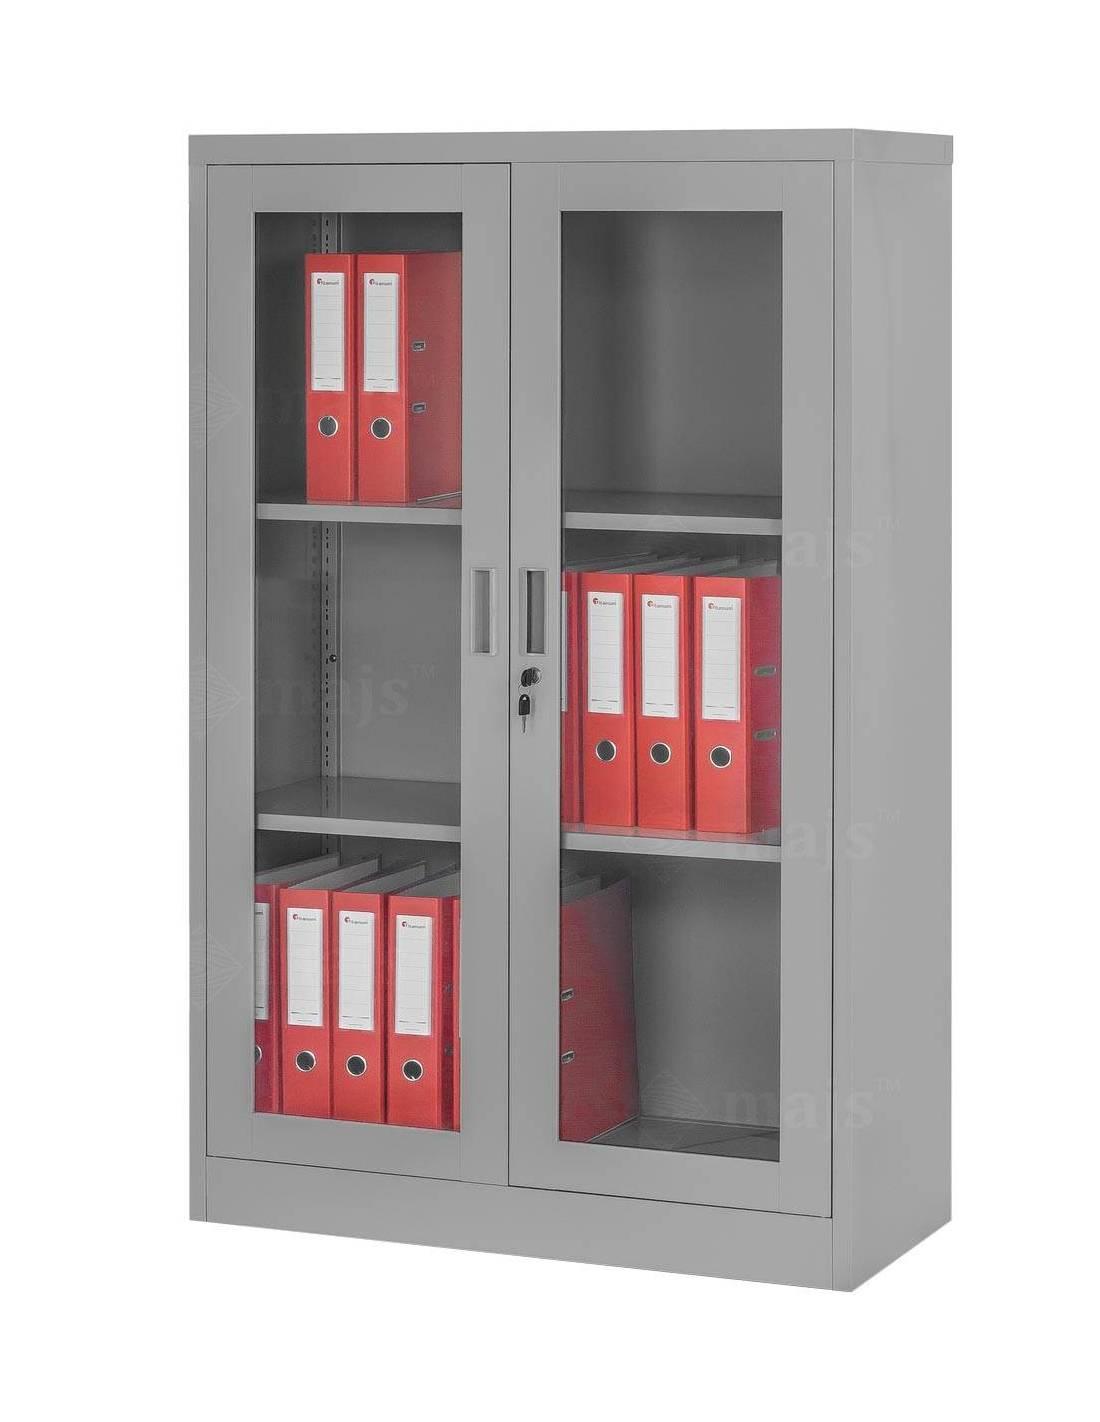 Szafa regał na dokumenty segregatory z przeszklonymi drzwiami i dwoma półkami